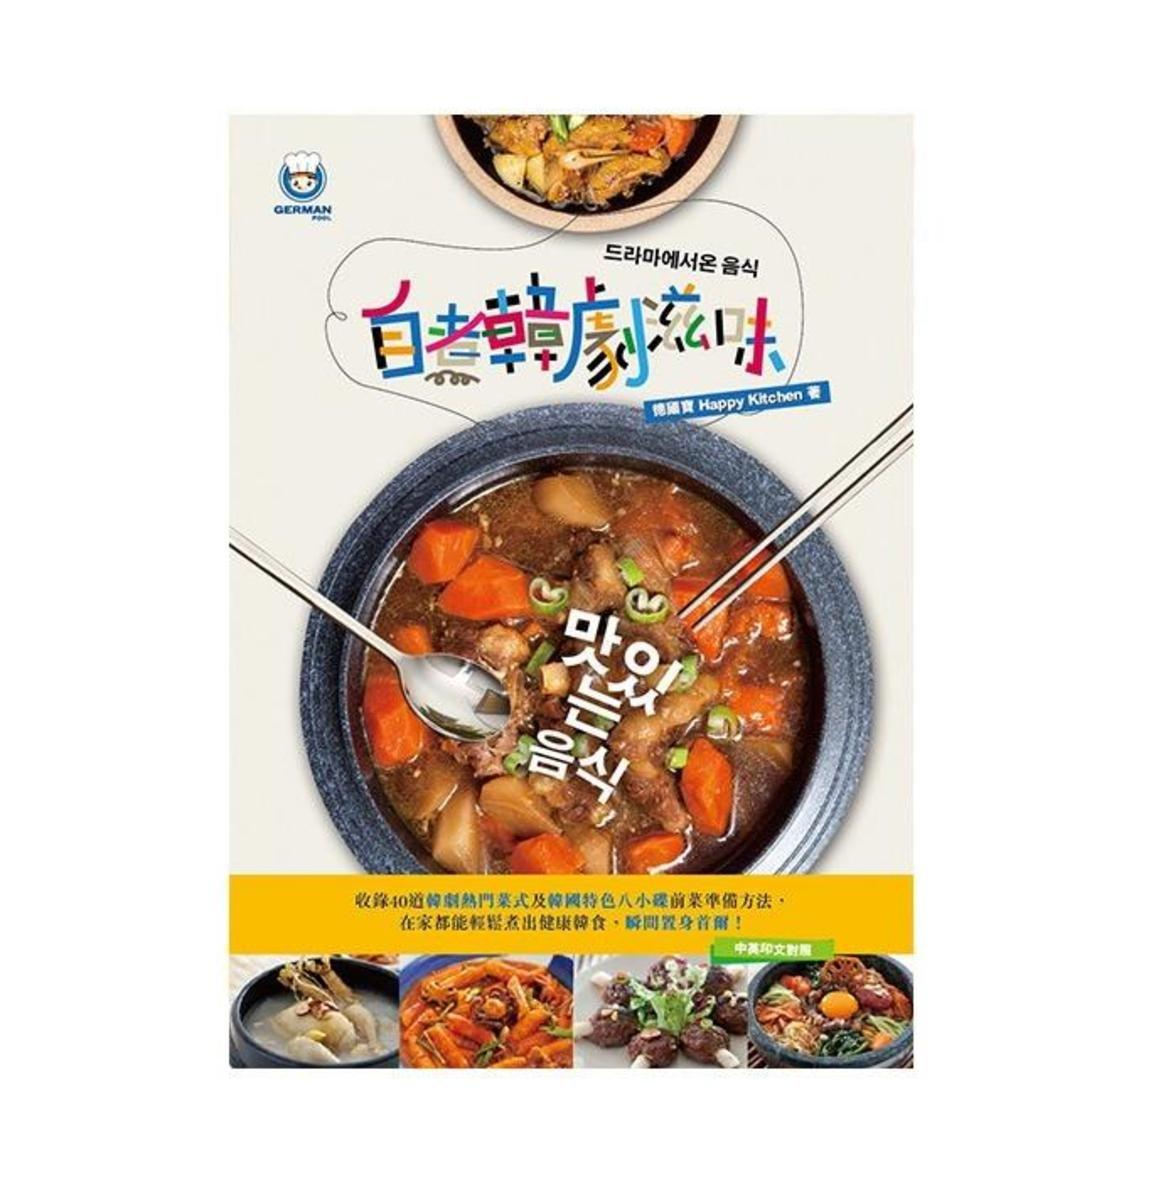 《自煮韓劇滋味》烹飪書